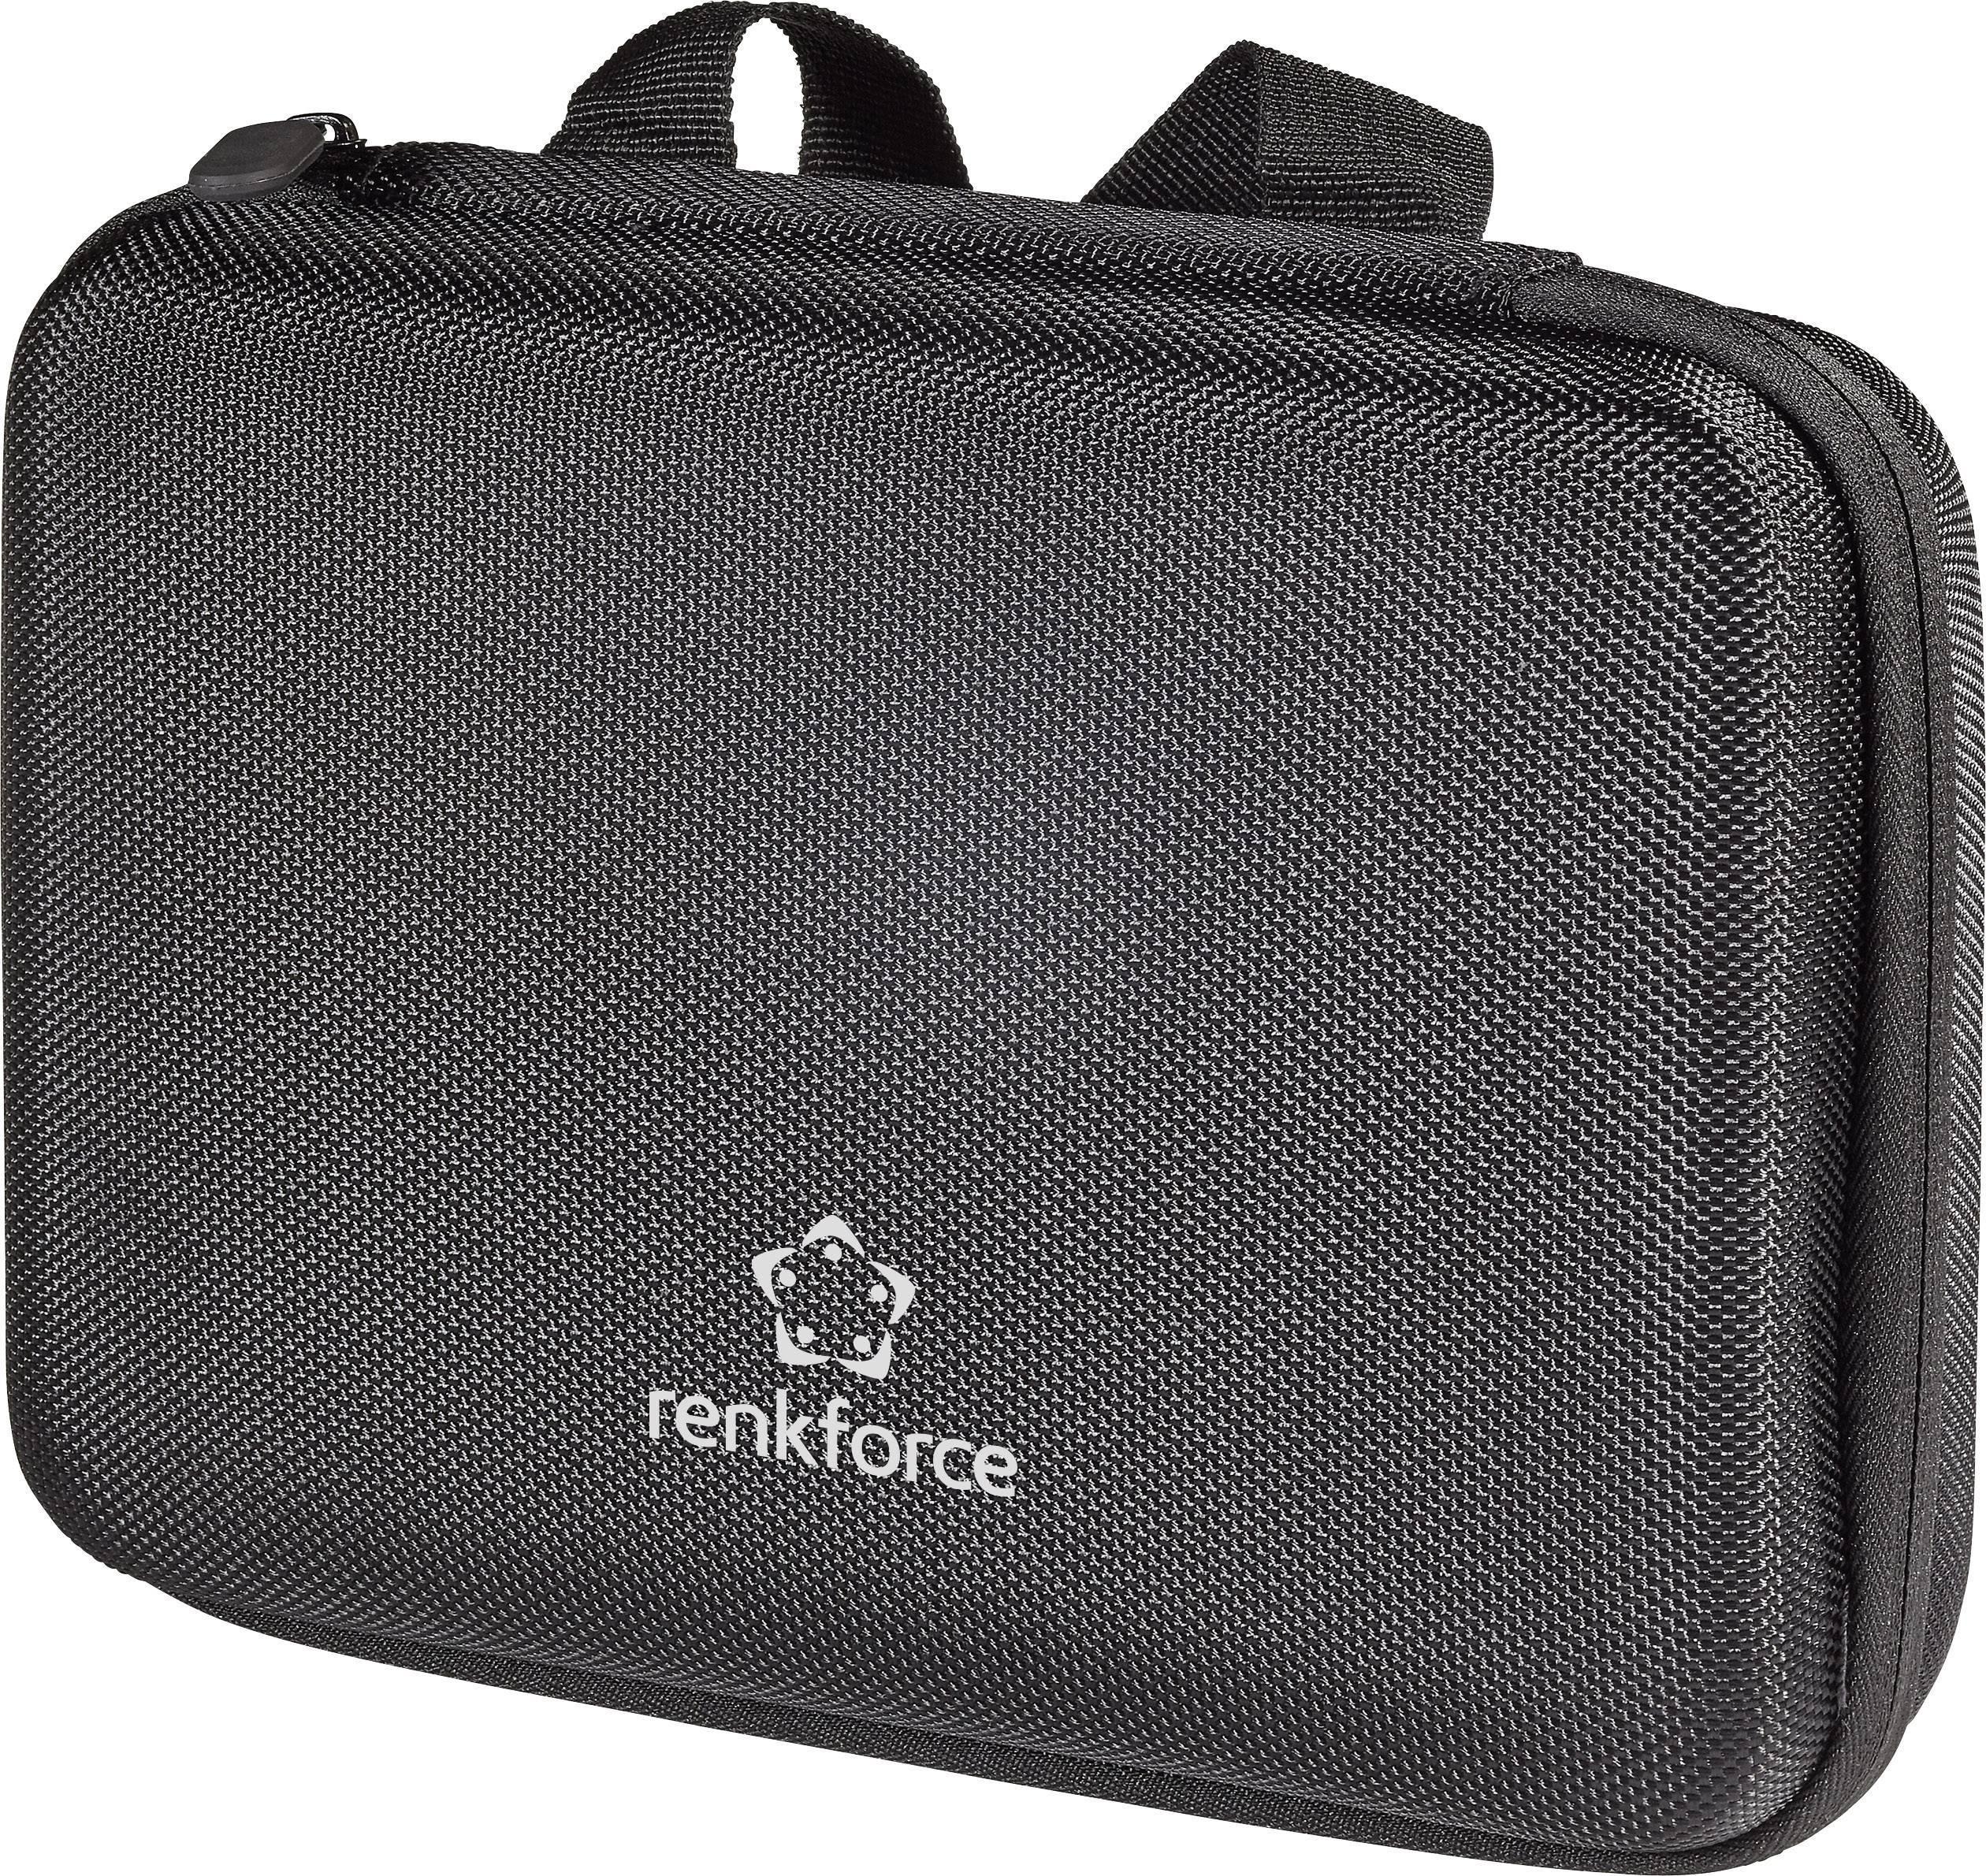 Pevné pouzdro/brašna Renkforce GP-102 RF-4253394 vhodné pro=GoPro, různé akční kamery